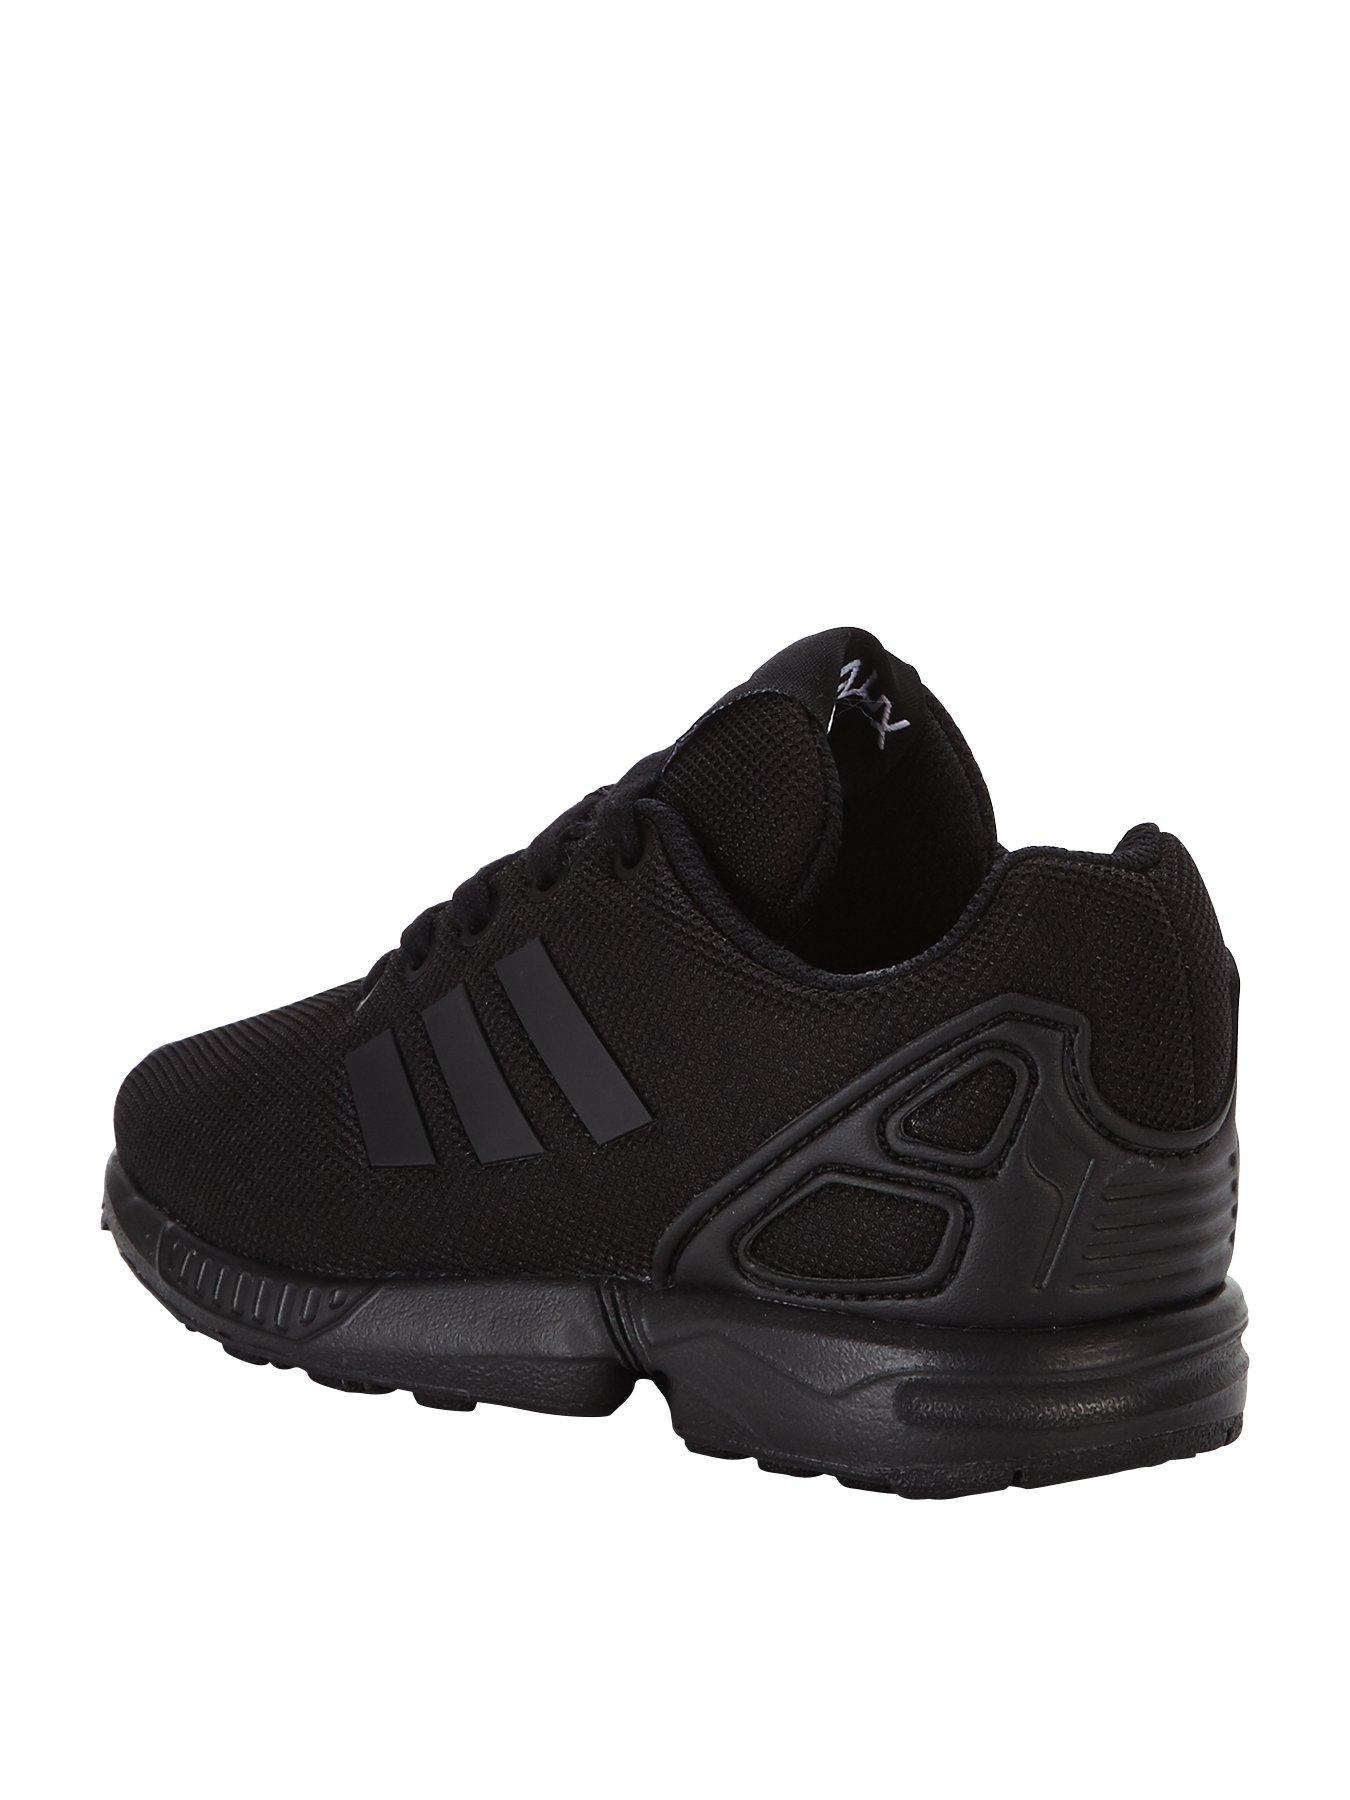 adidas originali zx flusso children's trainer